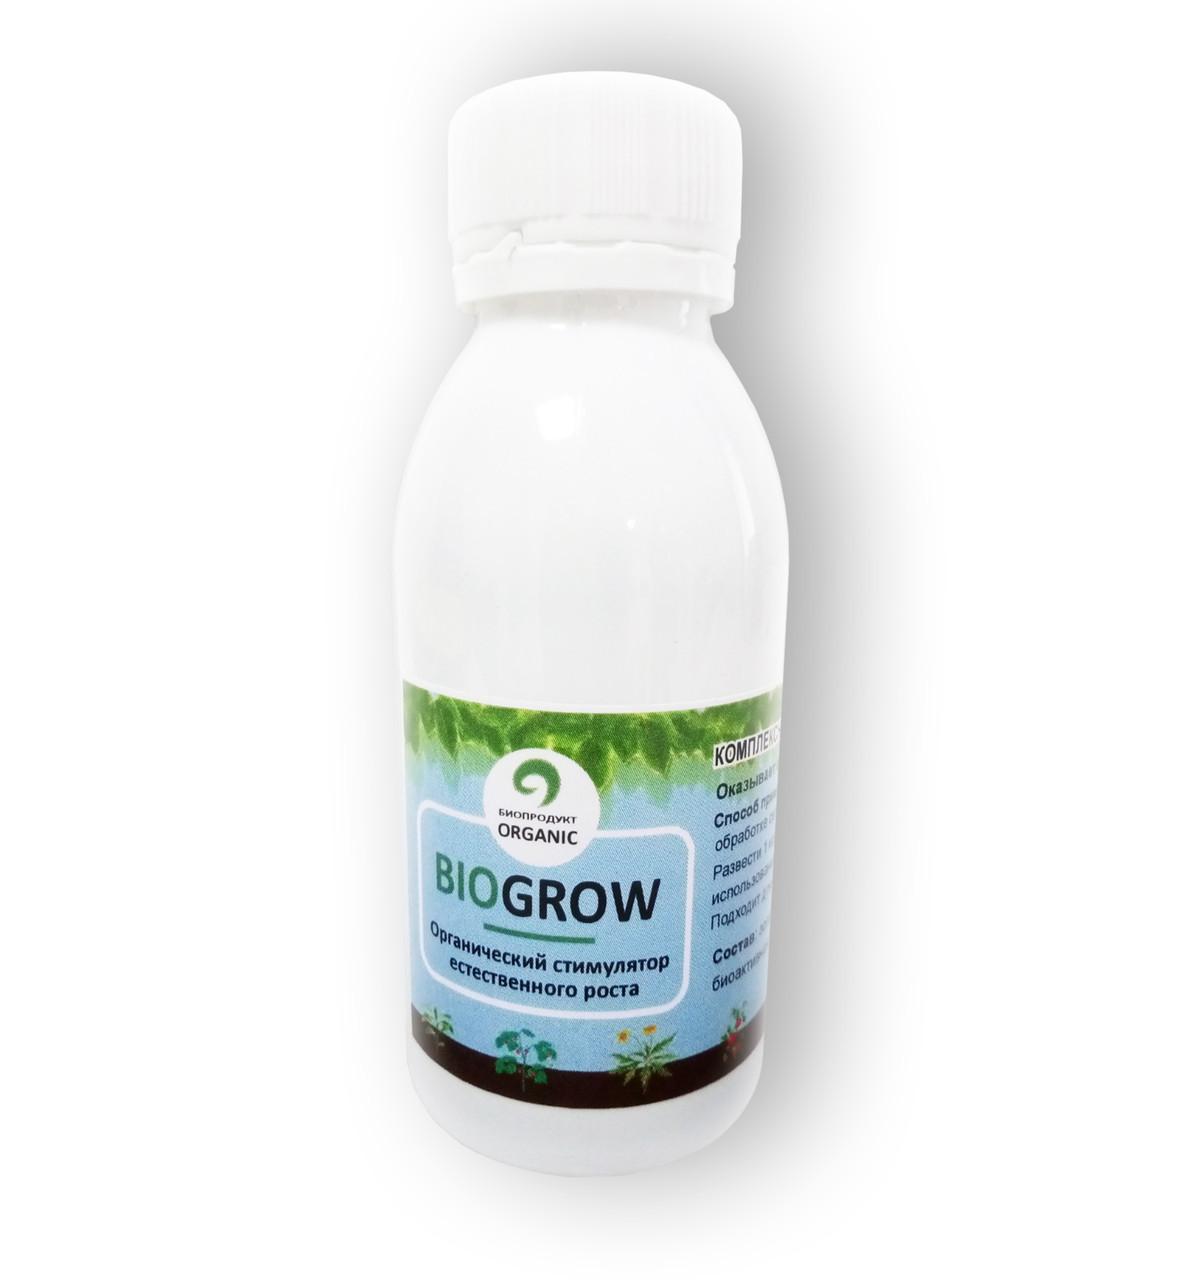 БиоГроу (Biogrow) - Биоактиватор для стимулирования роста всех видов растений РОСТВОР